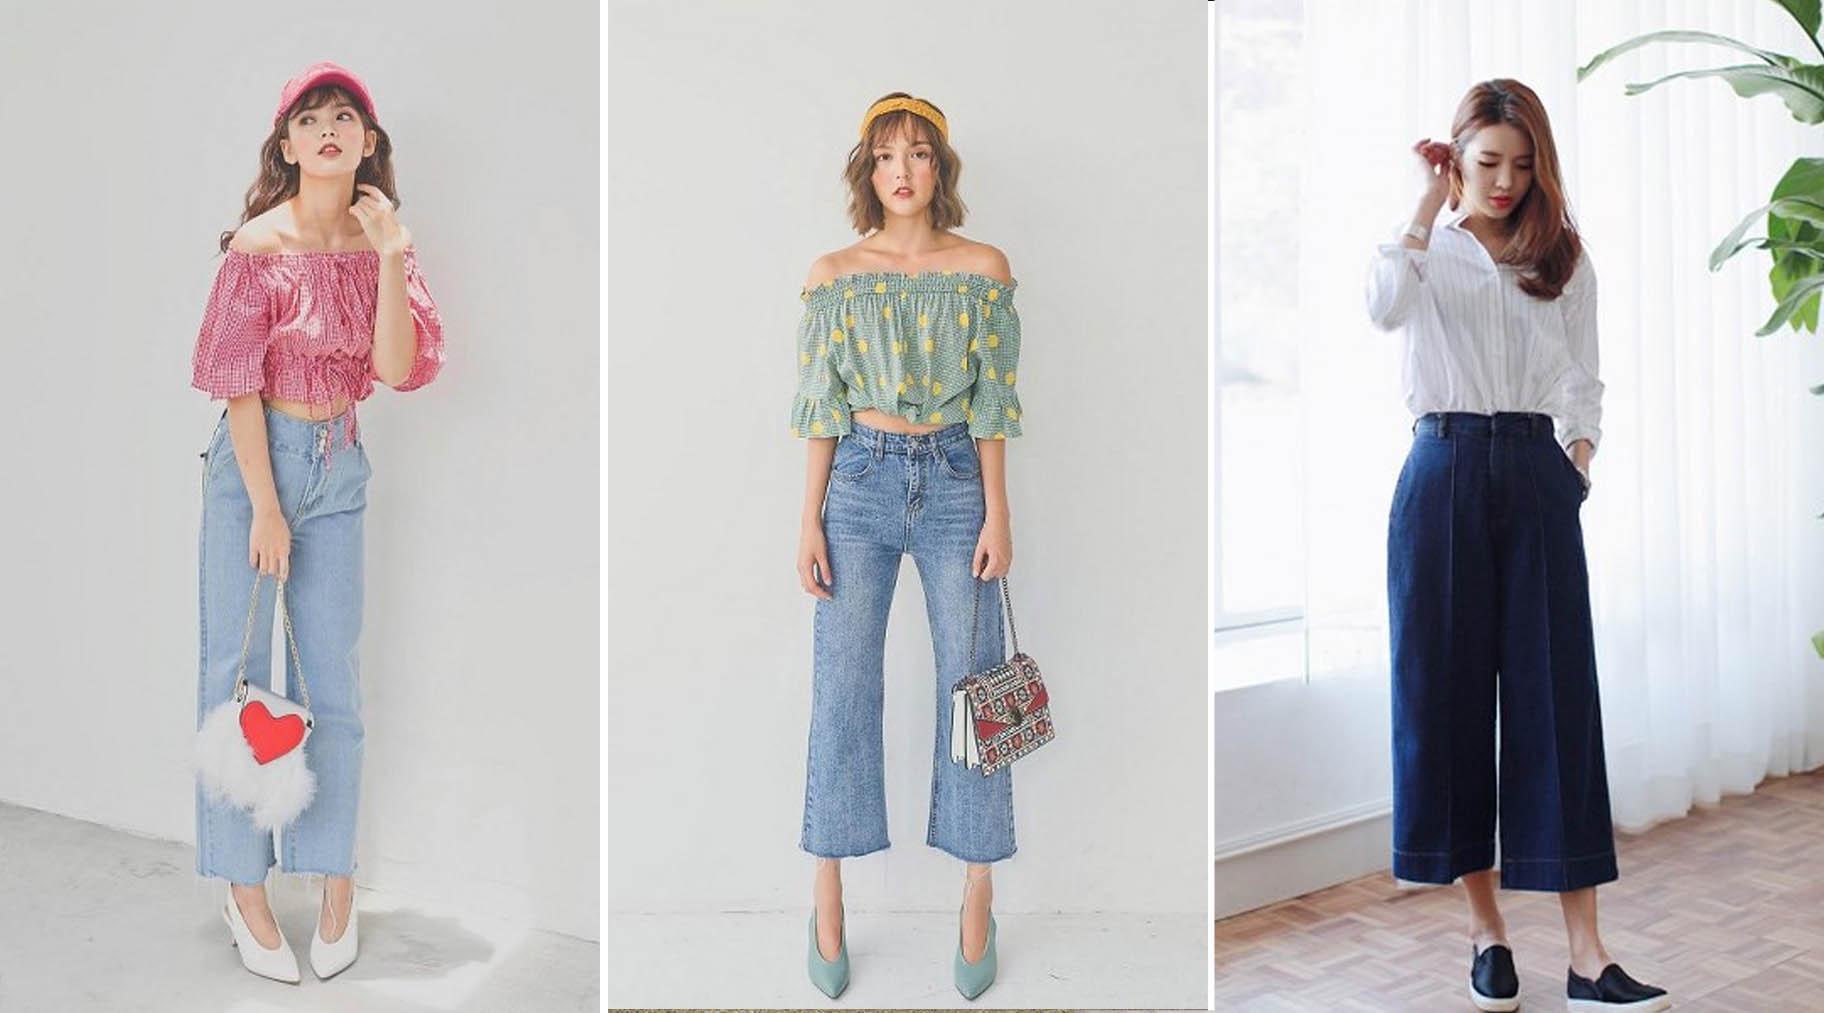 Quần jeans ống rộng xu hướng jean mới nổi trong giới trẻ. Việt Nam